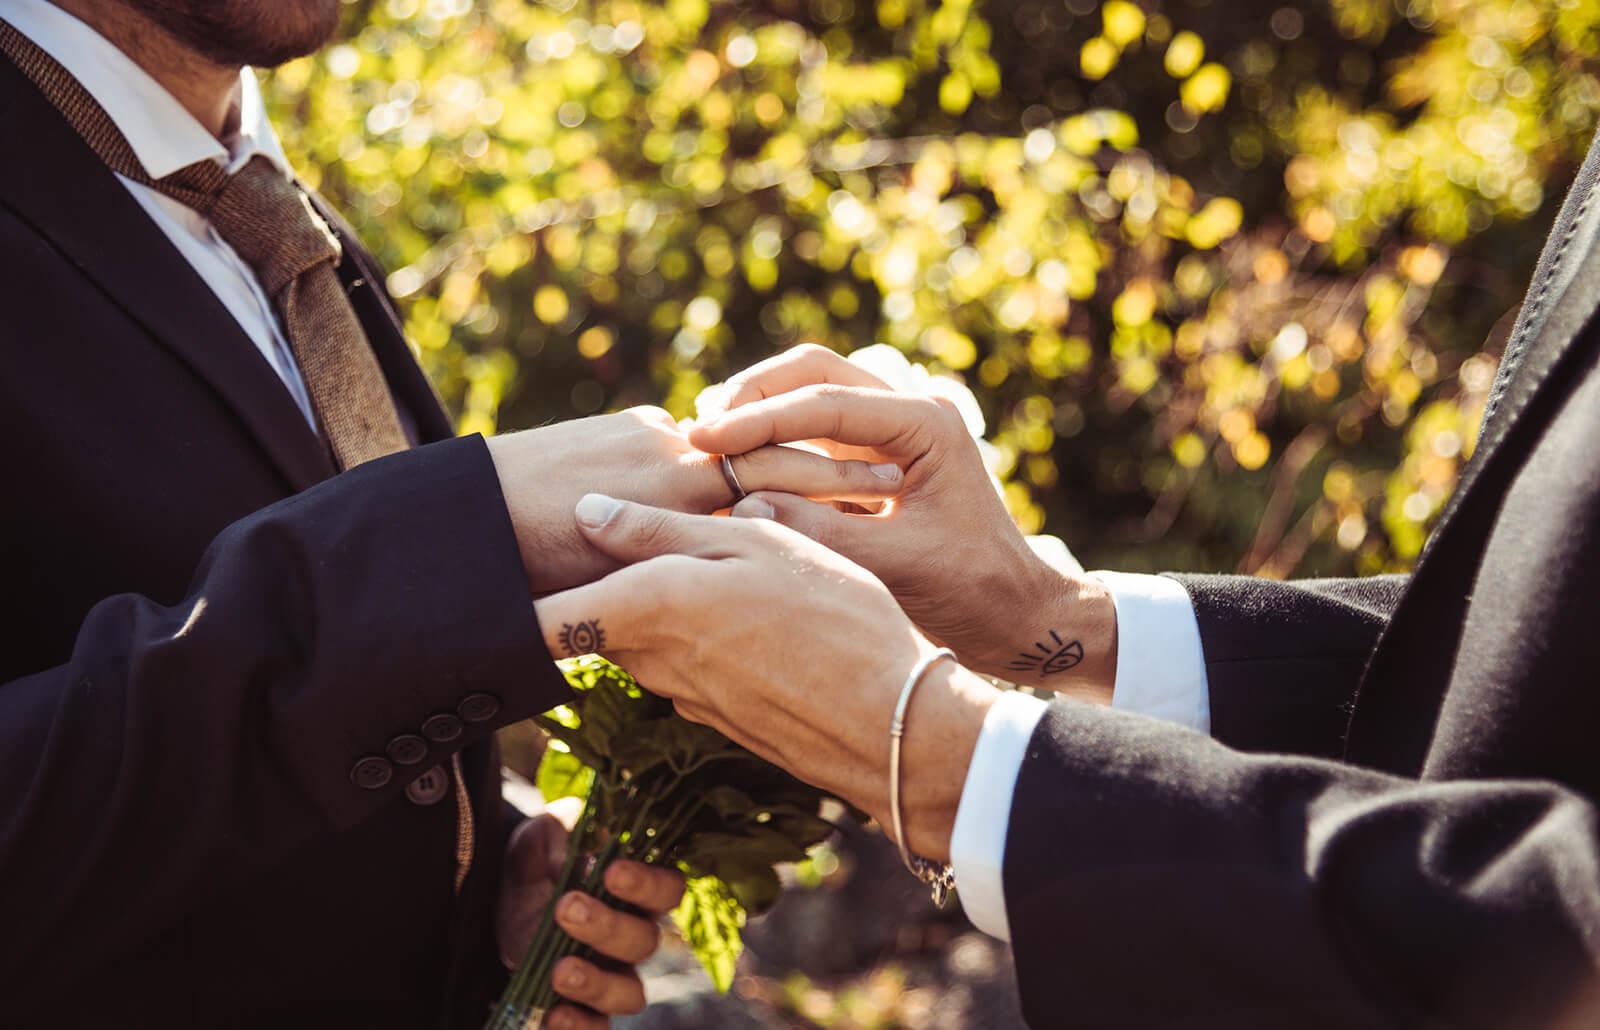 intercambio-anillos-boda.jpg